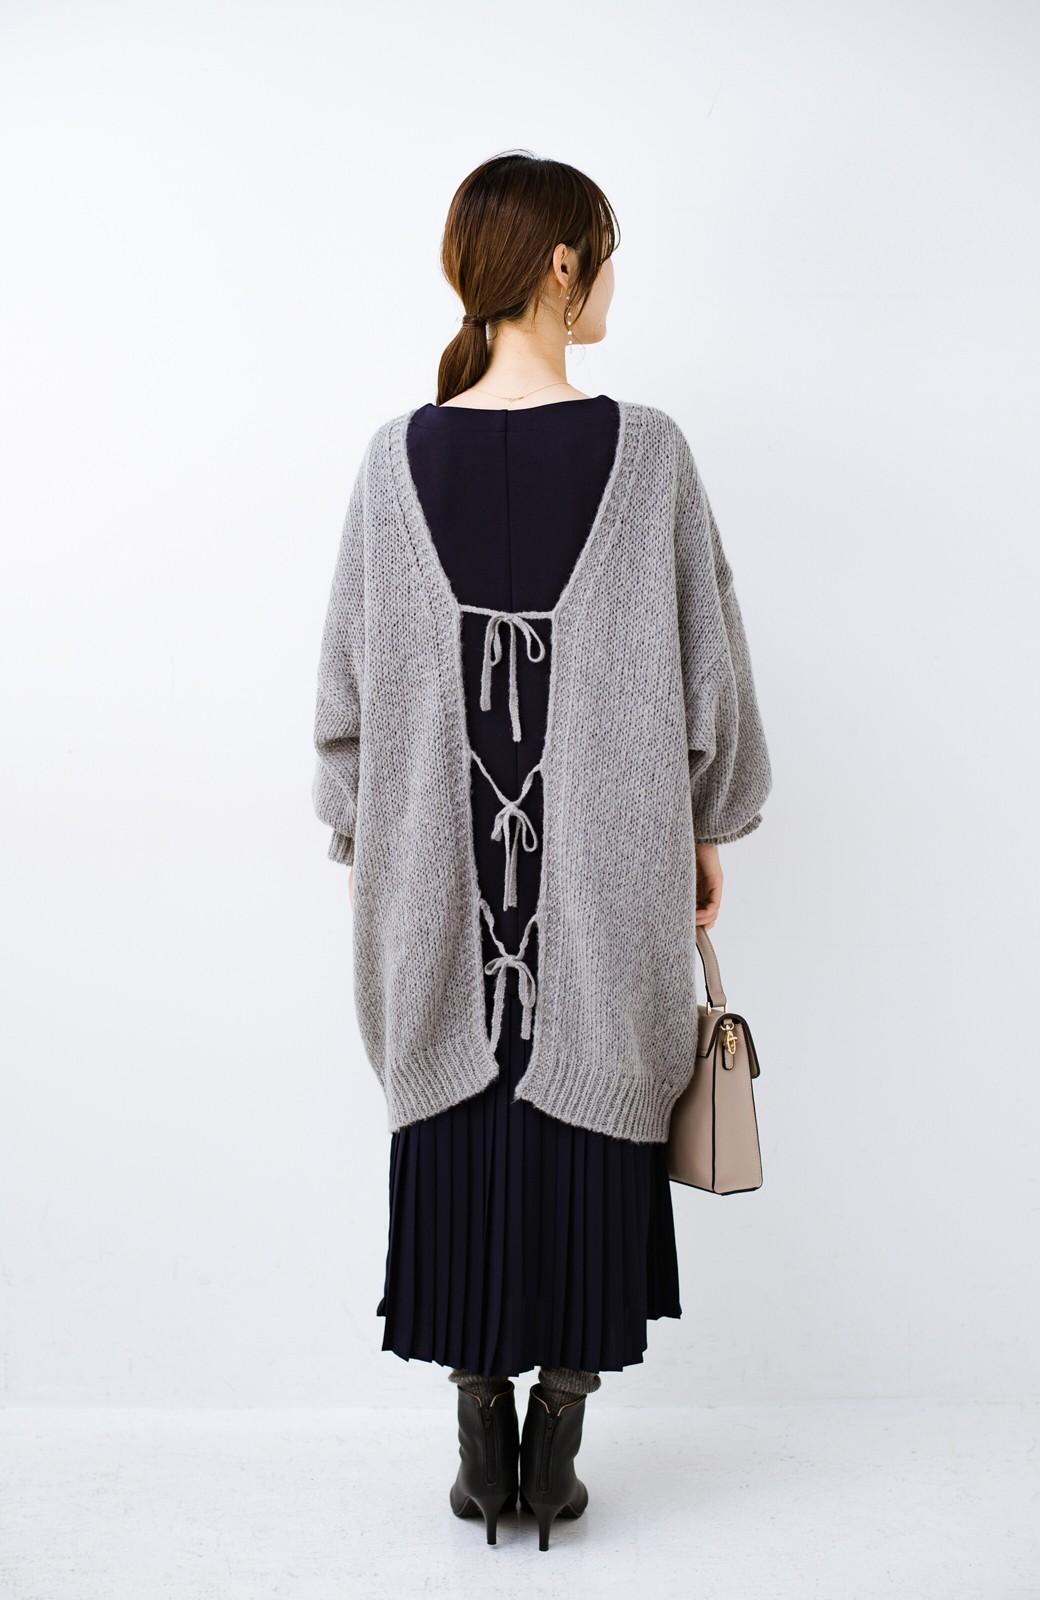 haco! ゆるゆるゆる編みで軽やかにかわいくなれる 前後ろ2WAYカーディガン <杢グレー>の商品写真7